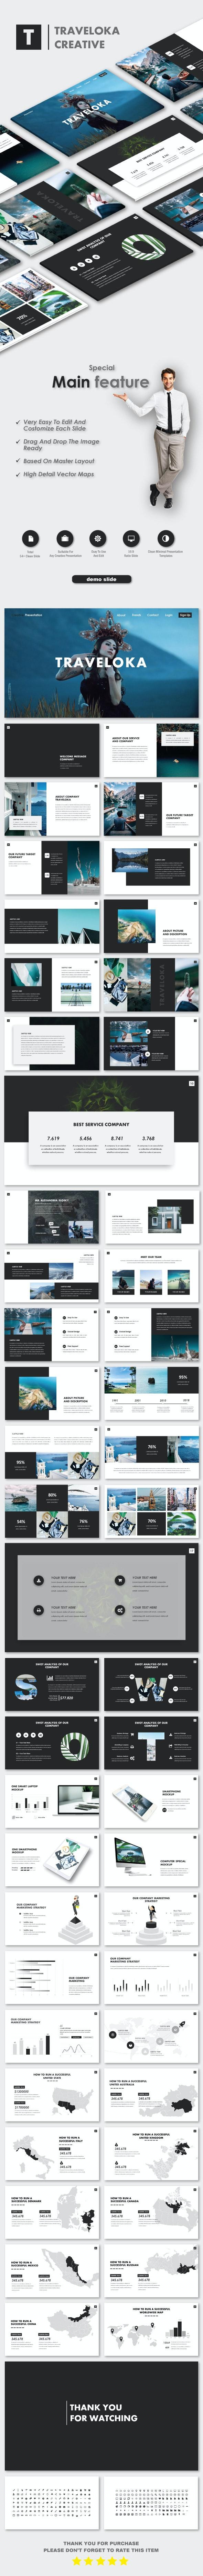 Traveloka PowerPoint Templates - Nature PowerPoint Templates